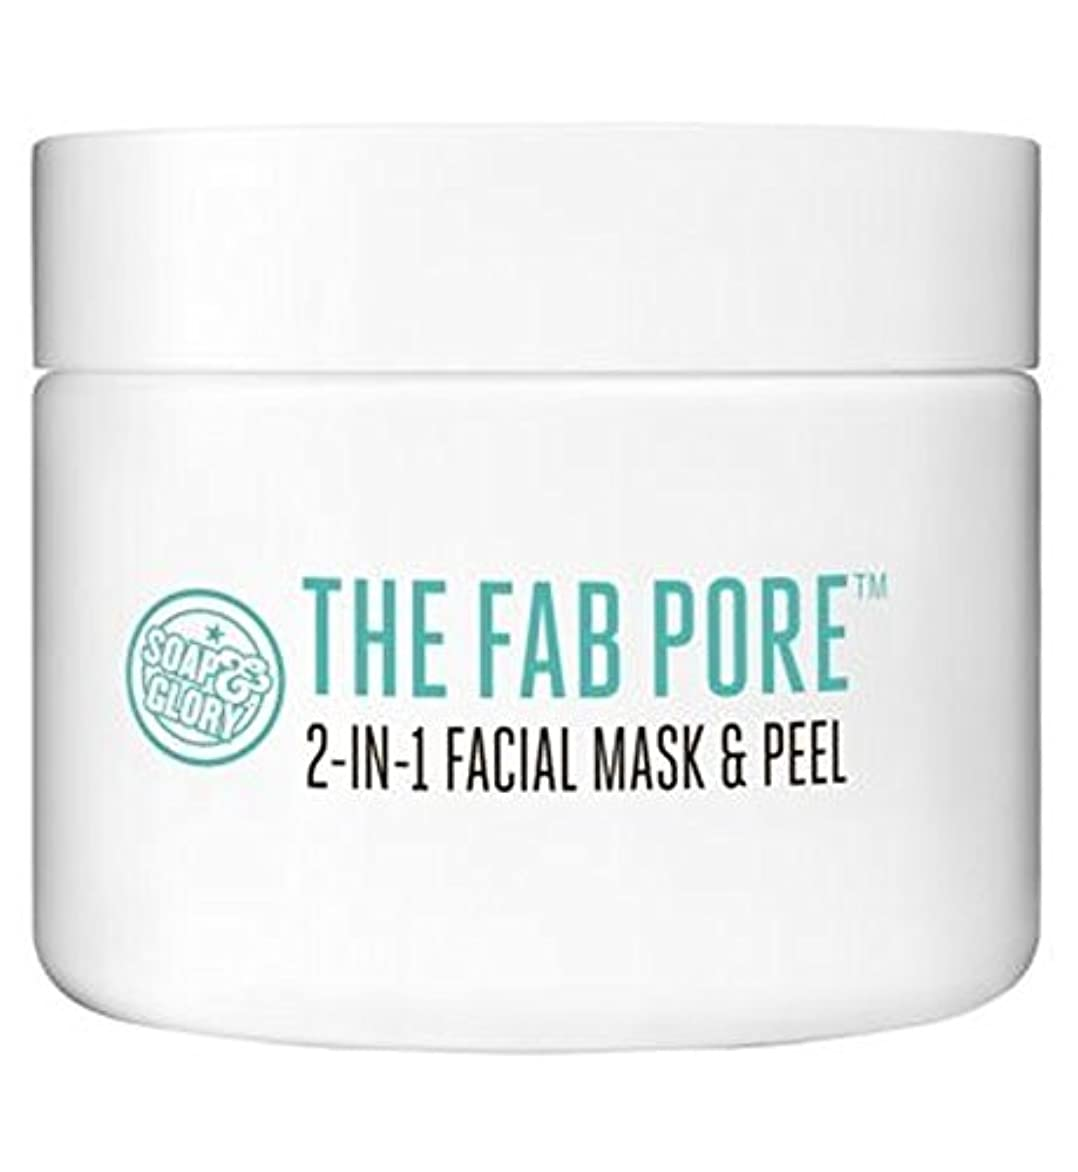 みぞれオリエンタル特徴ファブ細孔?2イン1顔の細孔浄化マスク&ピール?石鹸&栄光 (Soap & Glory) (x2) - Soap & Glory? Fab Pore? 2-in-1 Facial Pore Purifying Mask...